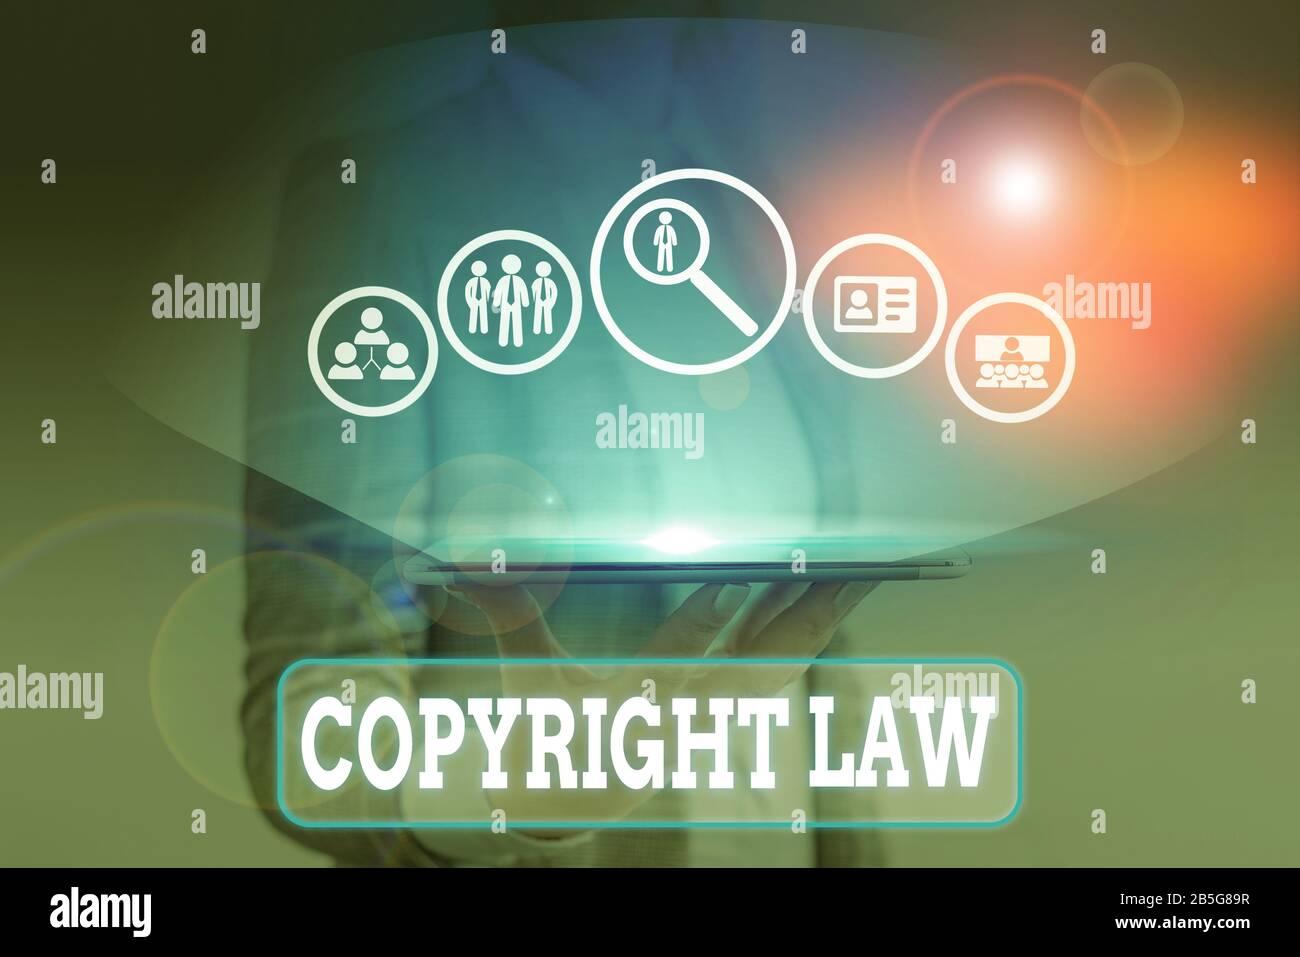 Escribir nota mostrando la ley de copyright. Concepto de negocio para el cuerpo de la ley que rige las obras originales de autoría Foto de stock